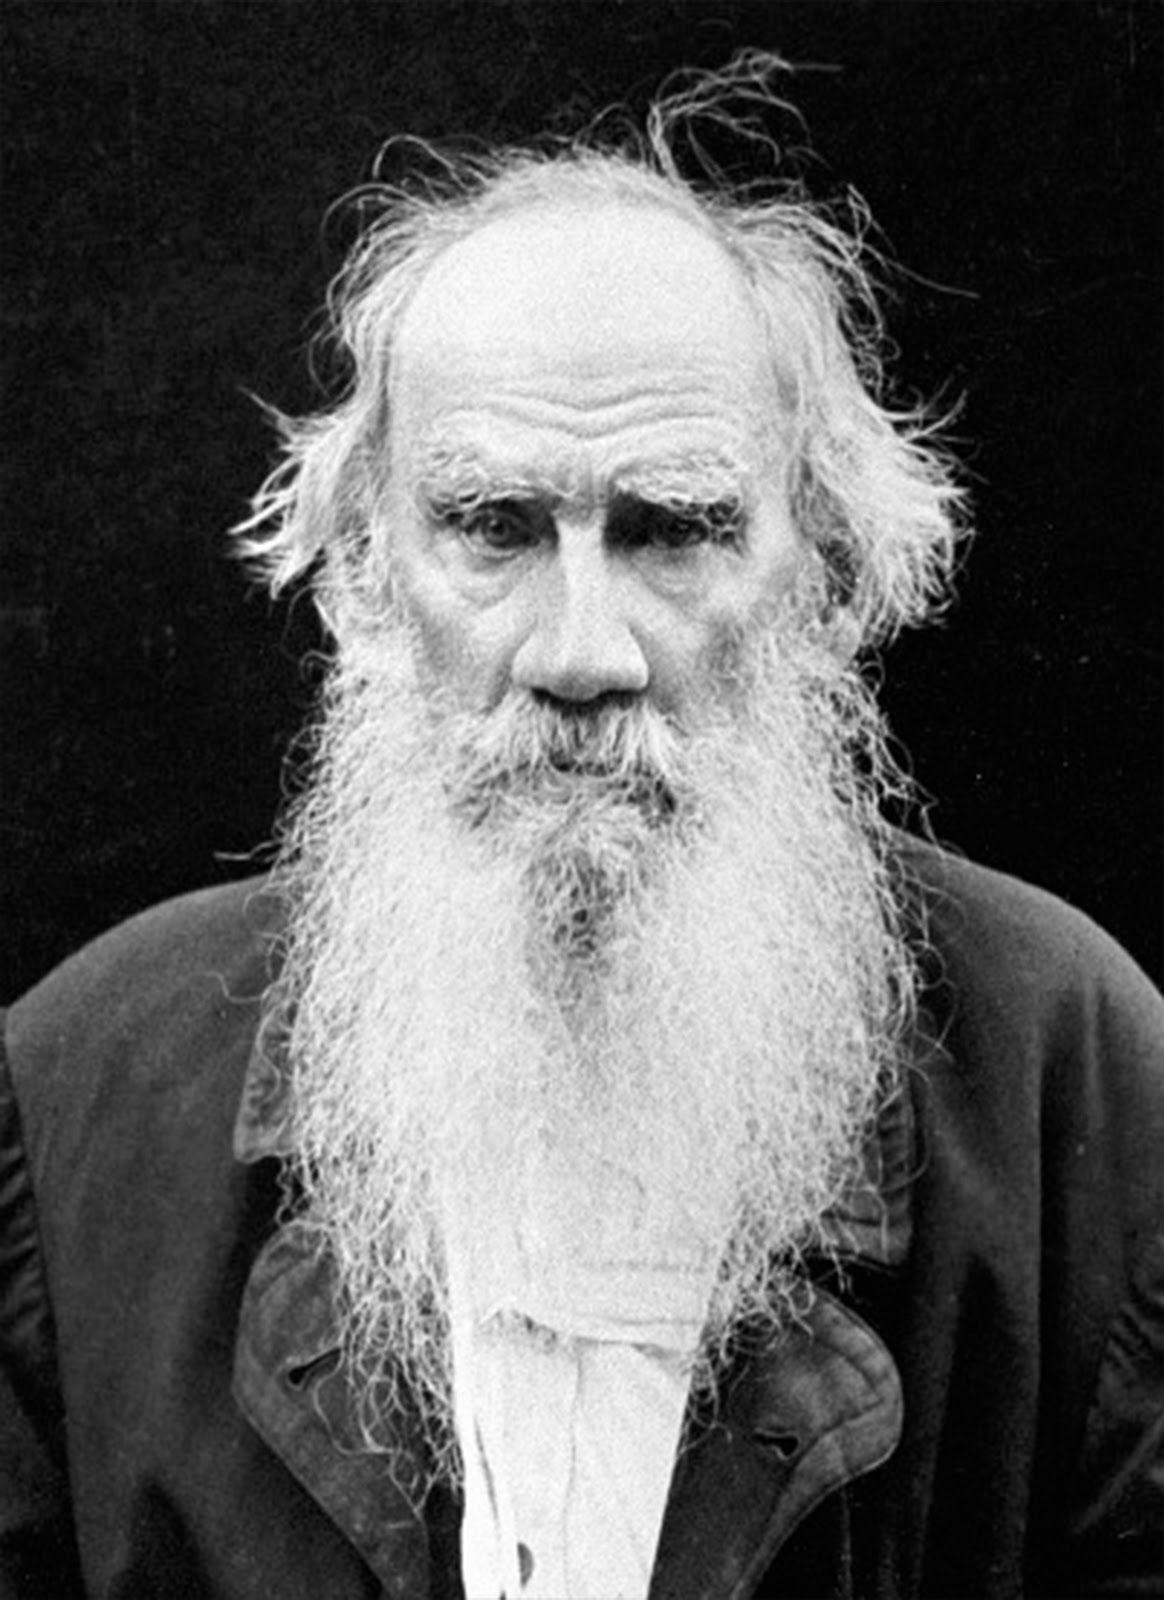 Leo Tolstoy Jpg 1 164 1 600 Pixels Leo Tolstoy Quotes Tolstoy Quotes Leo Tolstoy